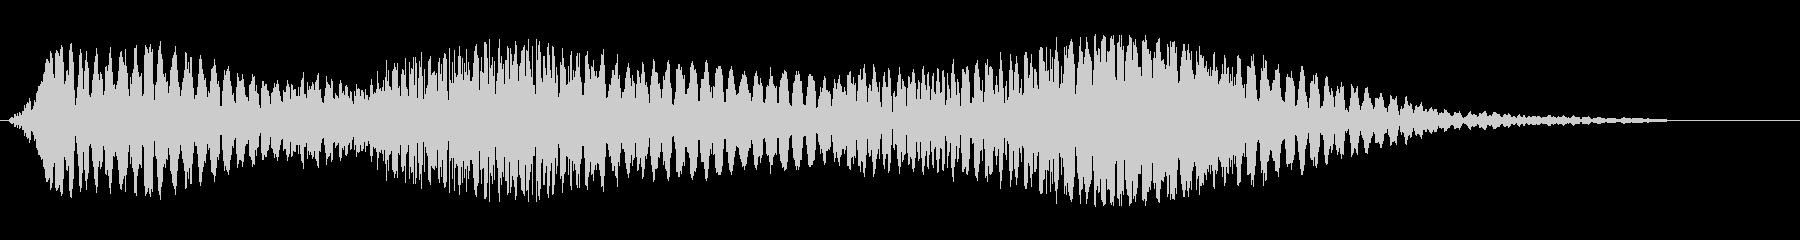 ドューウォーンというジングル向きの音源の未再生の波形